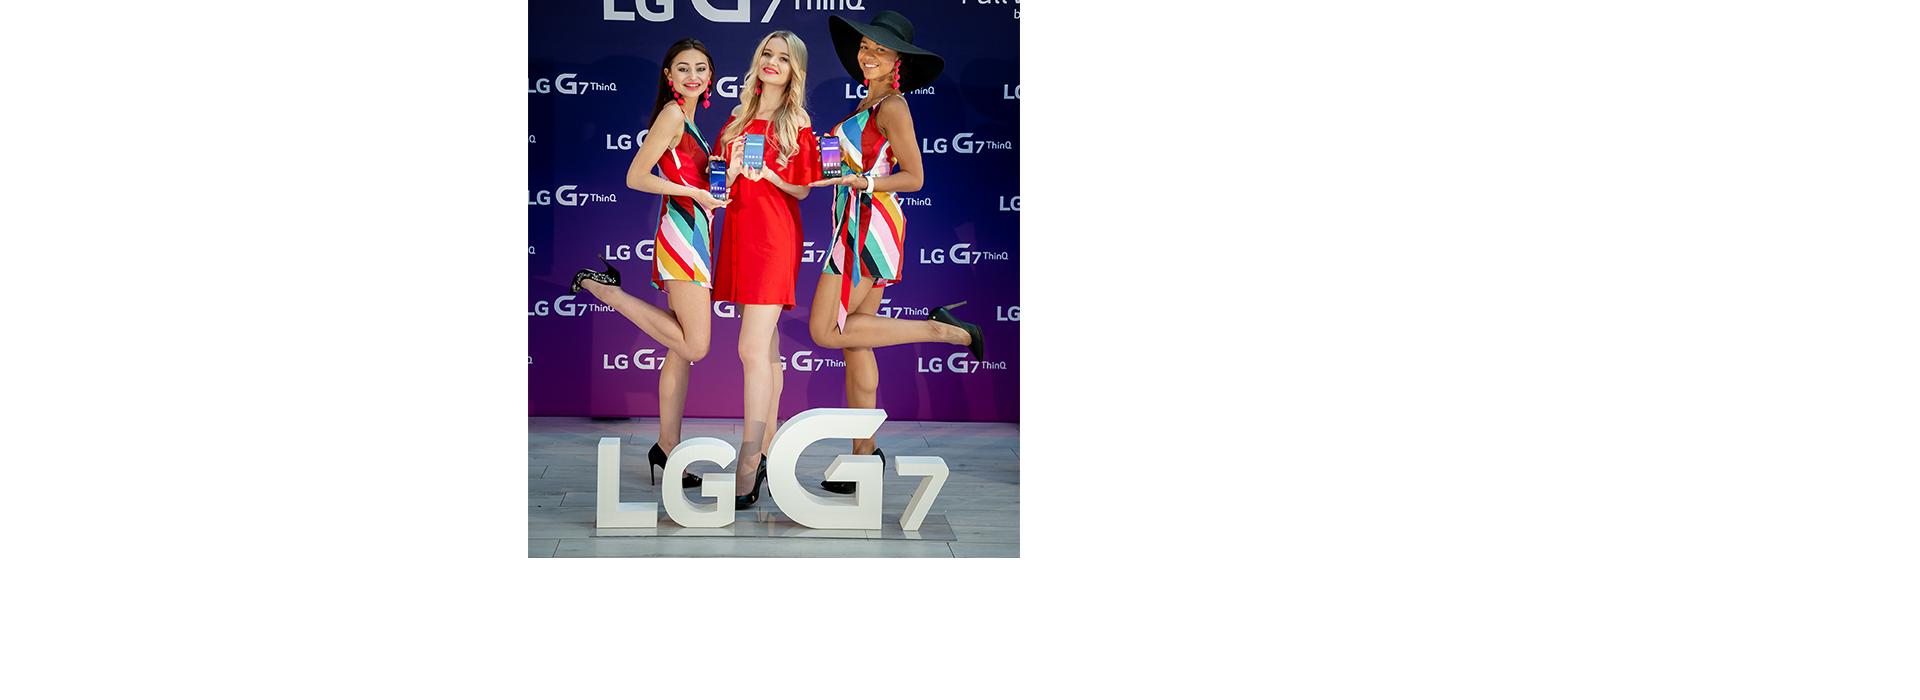 INNOWACJE LG, KTÓRE UŁATWIĄ CODZIENNOŚĆ - FLAGOWIEC LG G7 THINQ ZE SZTUCZNĄ INTELIGENCJĄ WCHODZI DO POLSKI